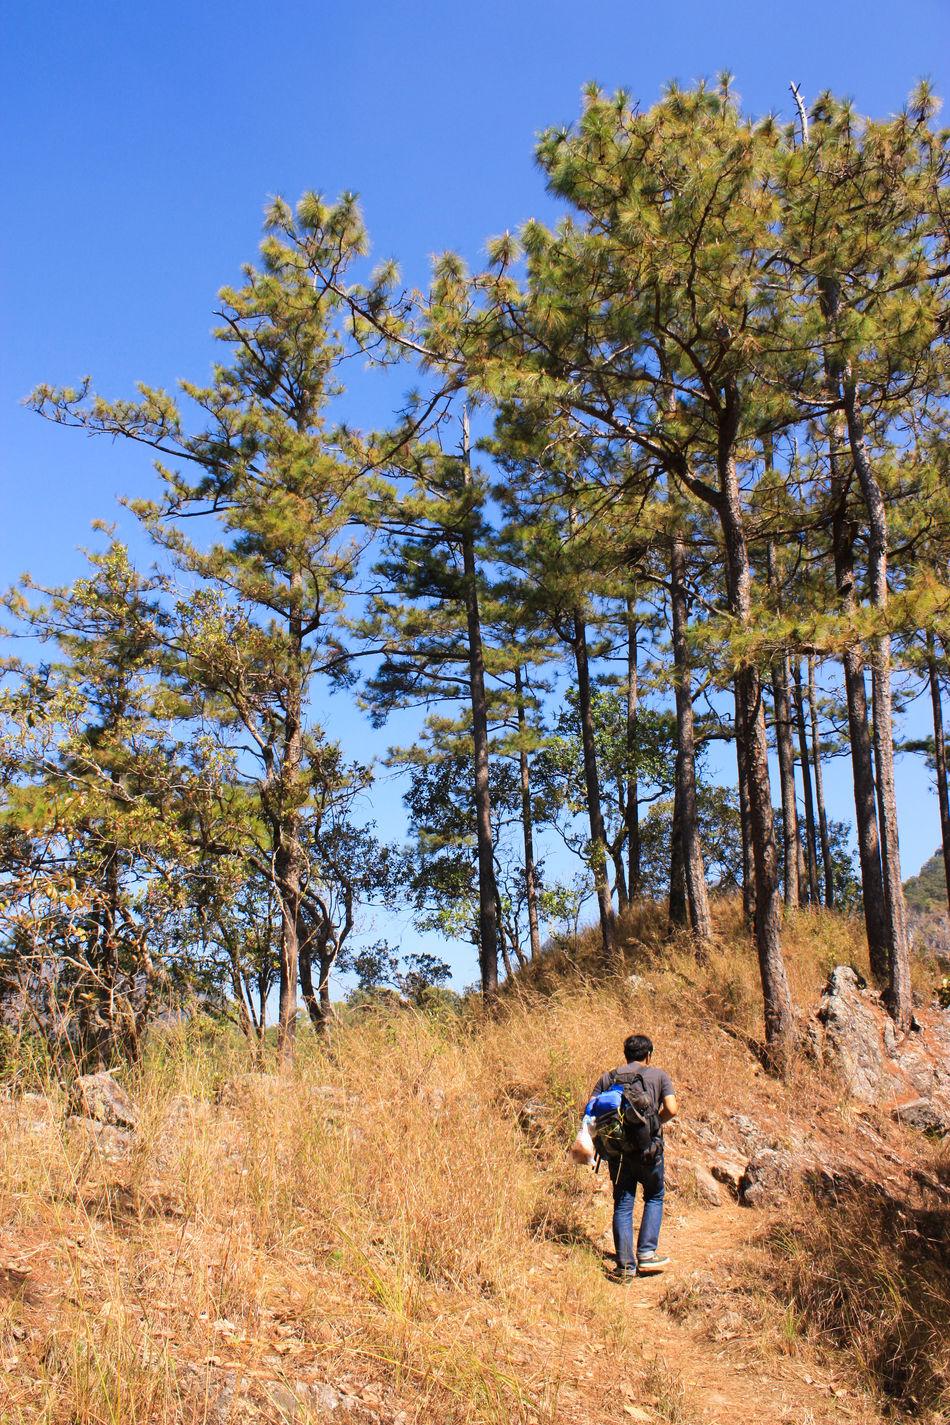 on walking. Adventure Blue Sky Camping Chiangmai Doi Luang Doi Luang, Chiang Dao Hiking Mountain Mountains Thailand Tree Trees Trekking Walking